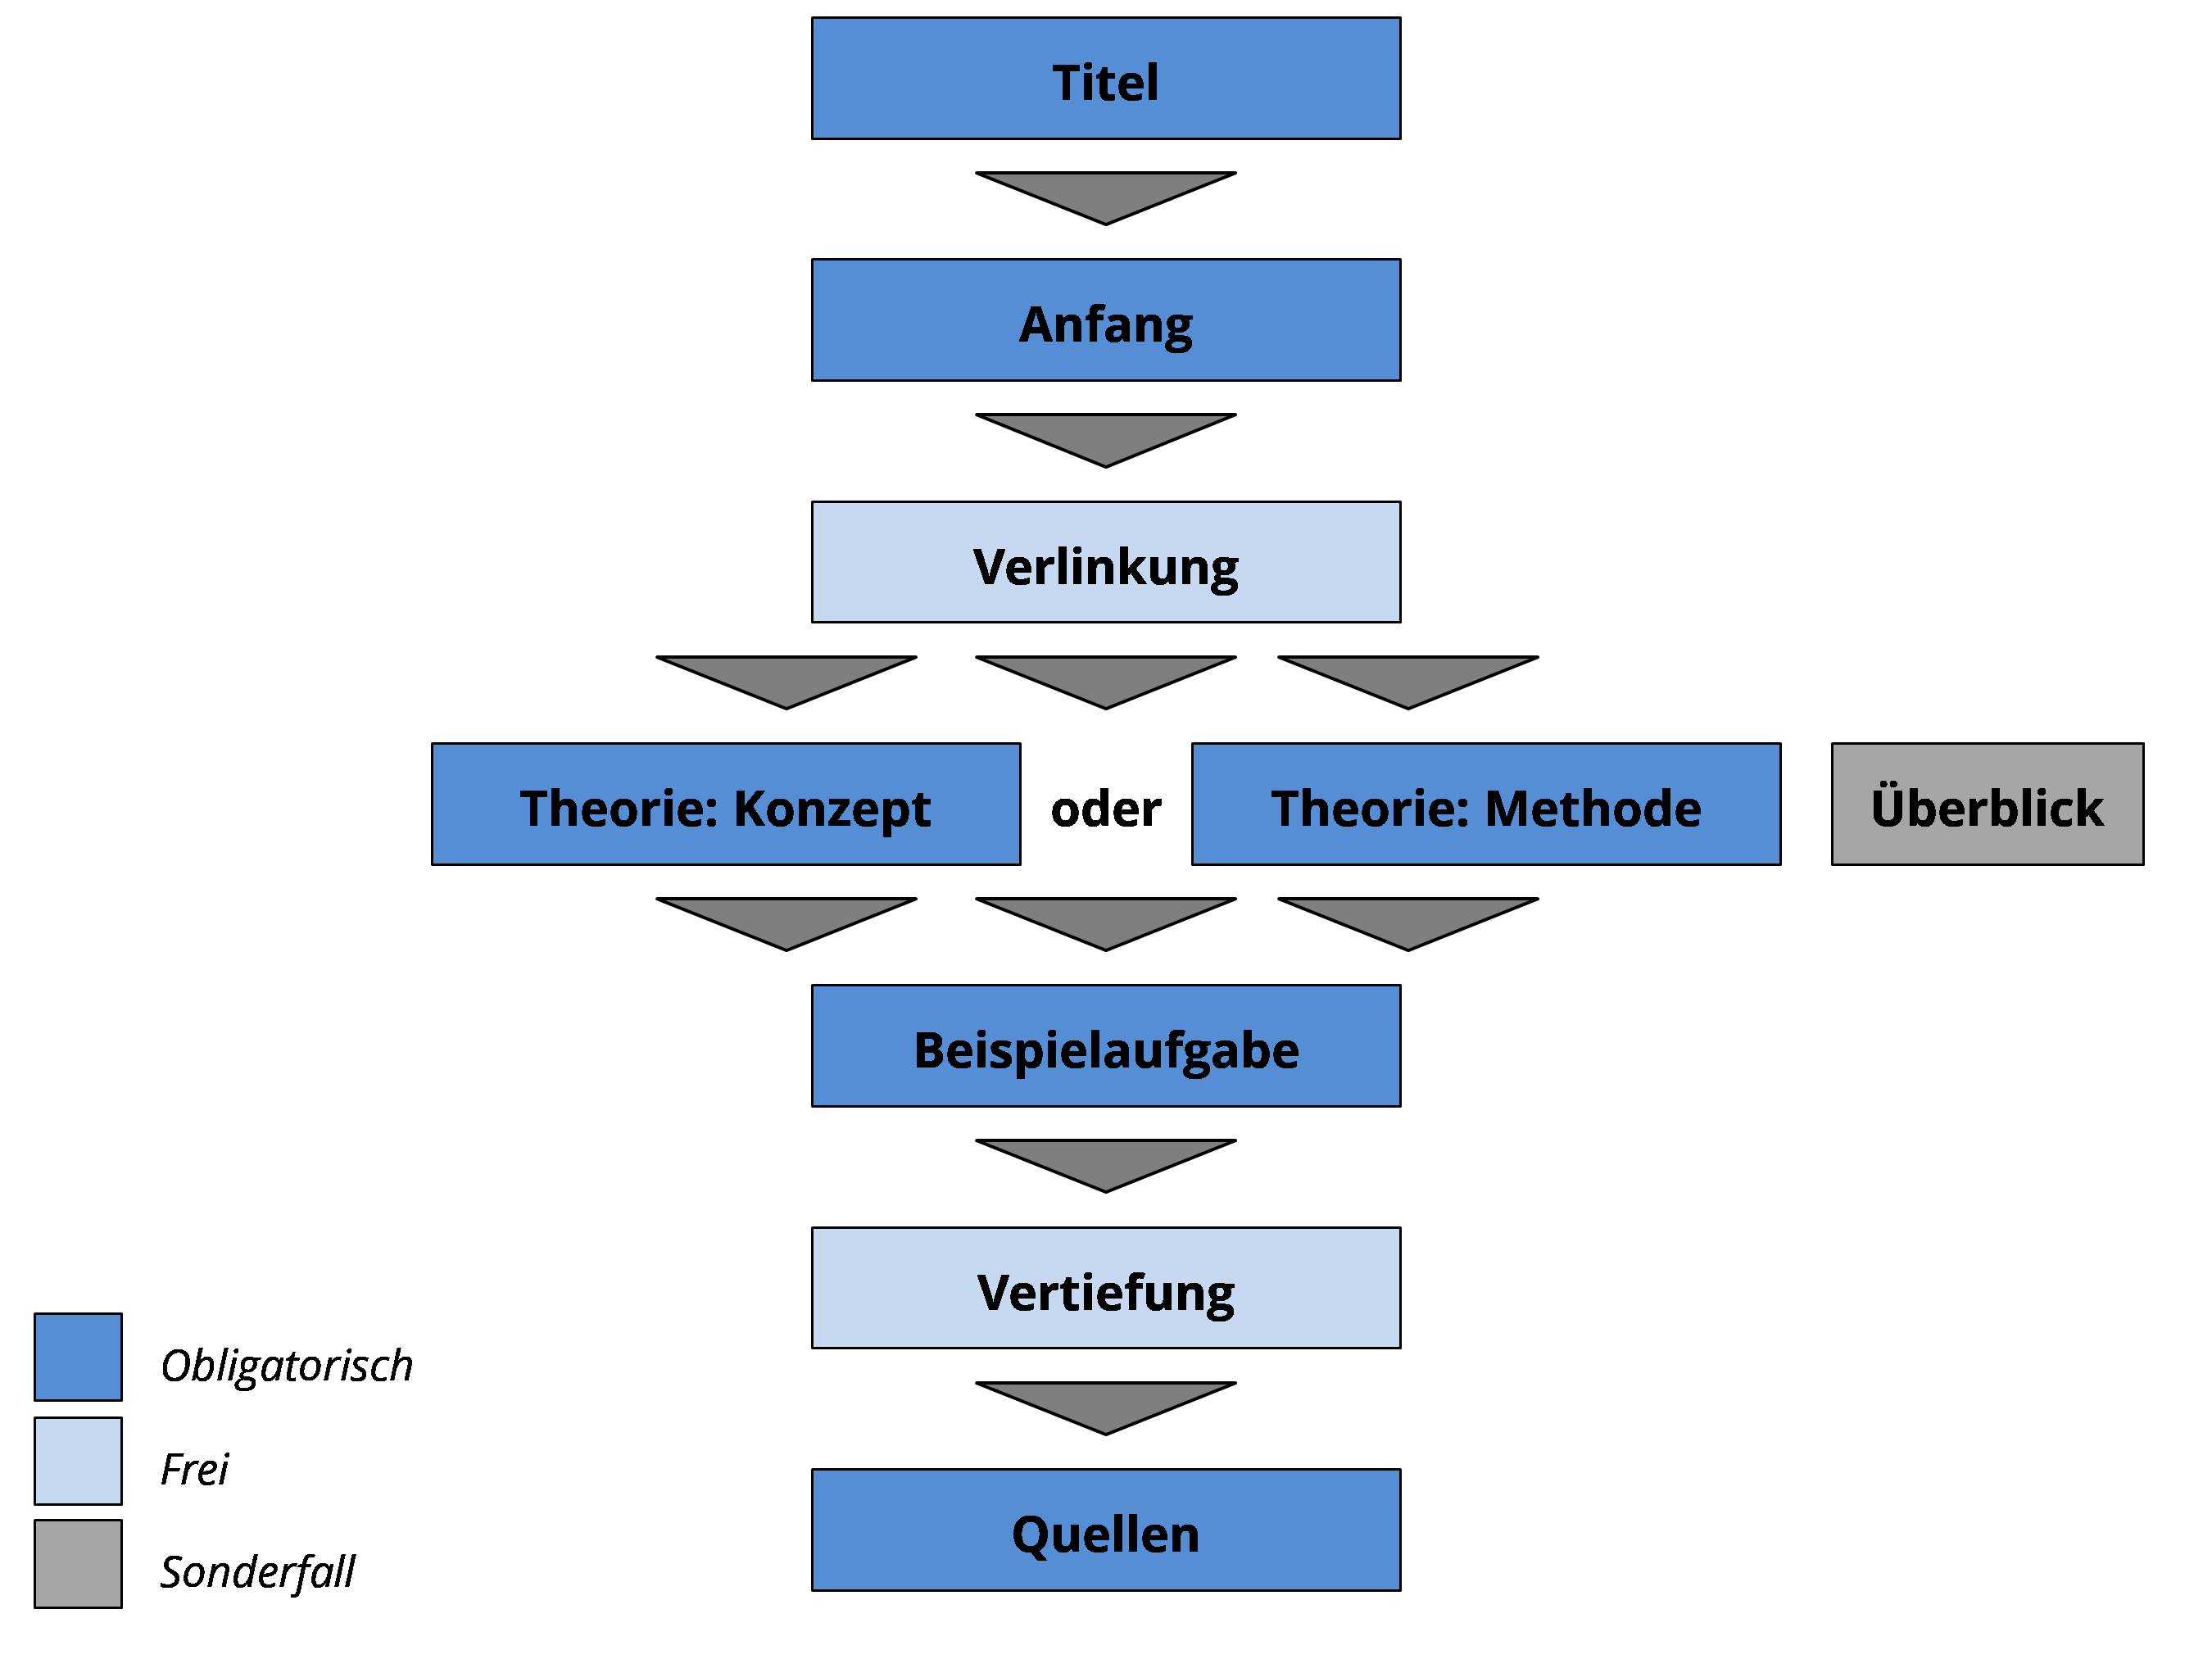 Dieses Bild zeigt den chronologischen Ablauf zur Erstellung von Artikeln auf serlo.org